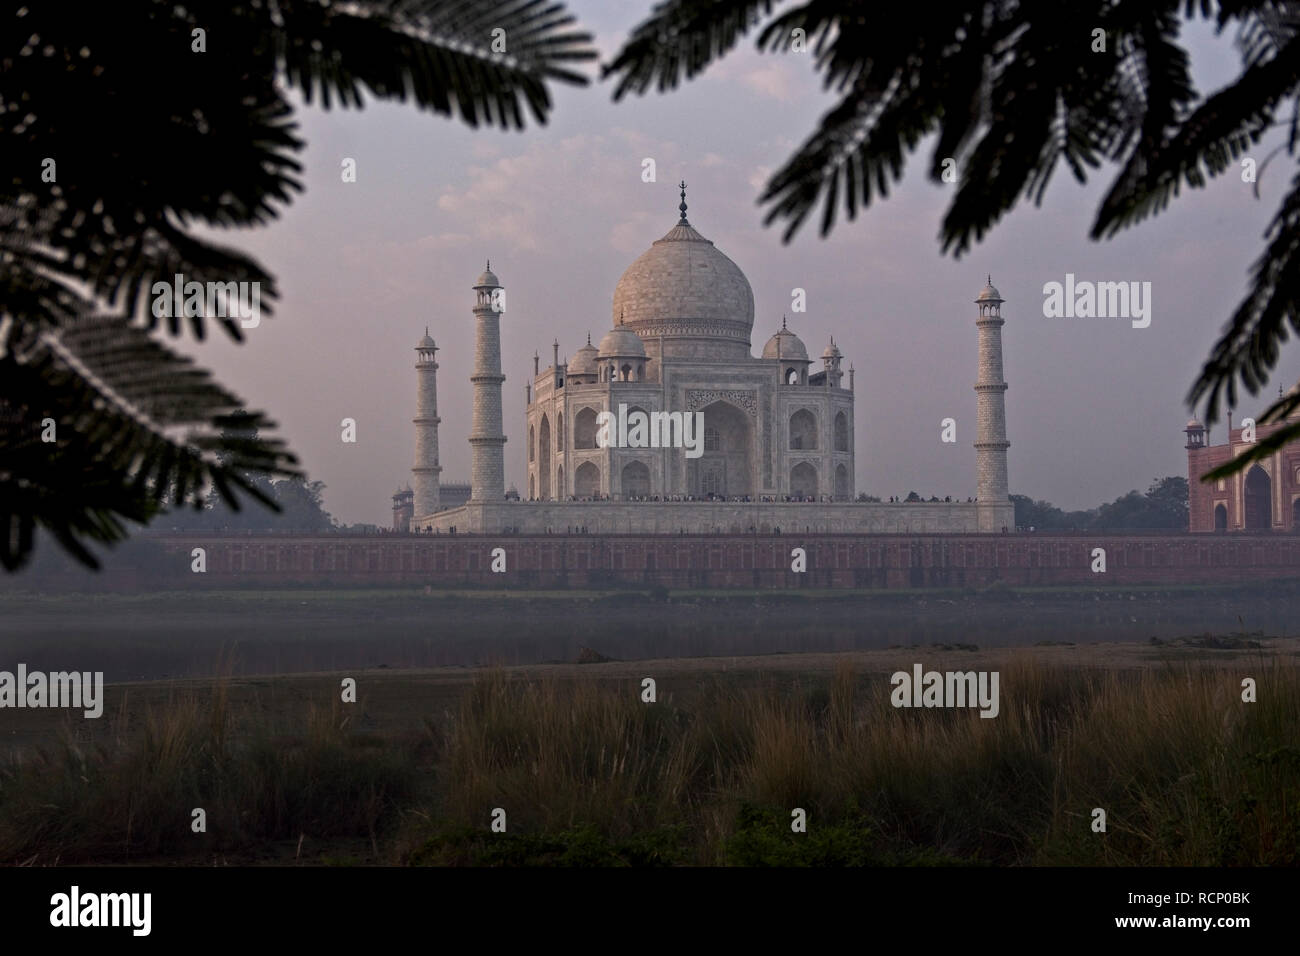 Taj Mahal  early morning view Stock Photo